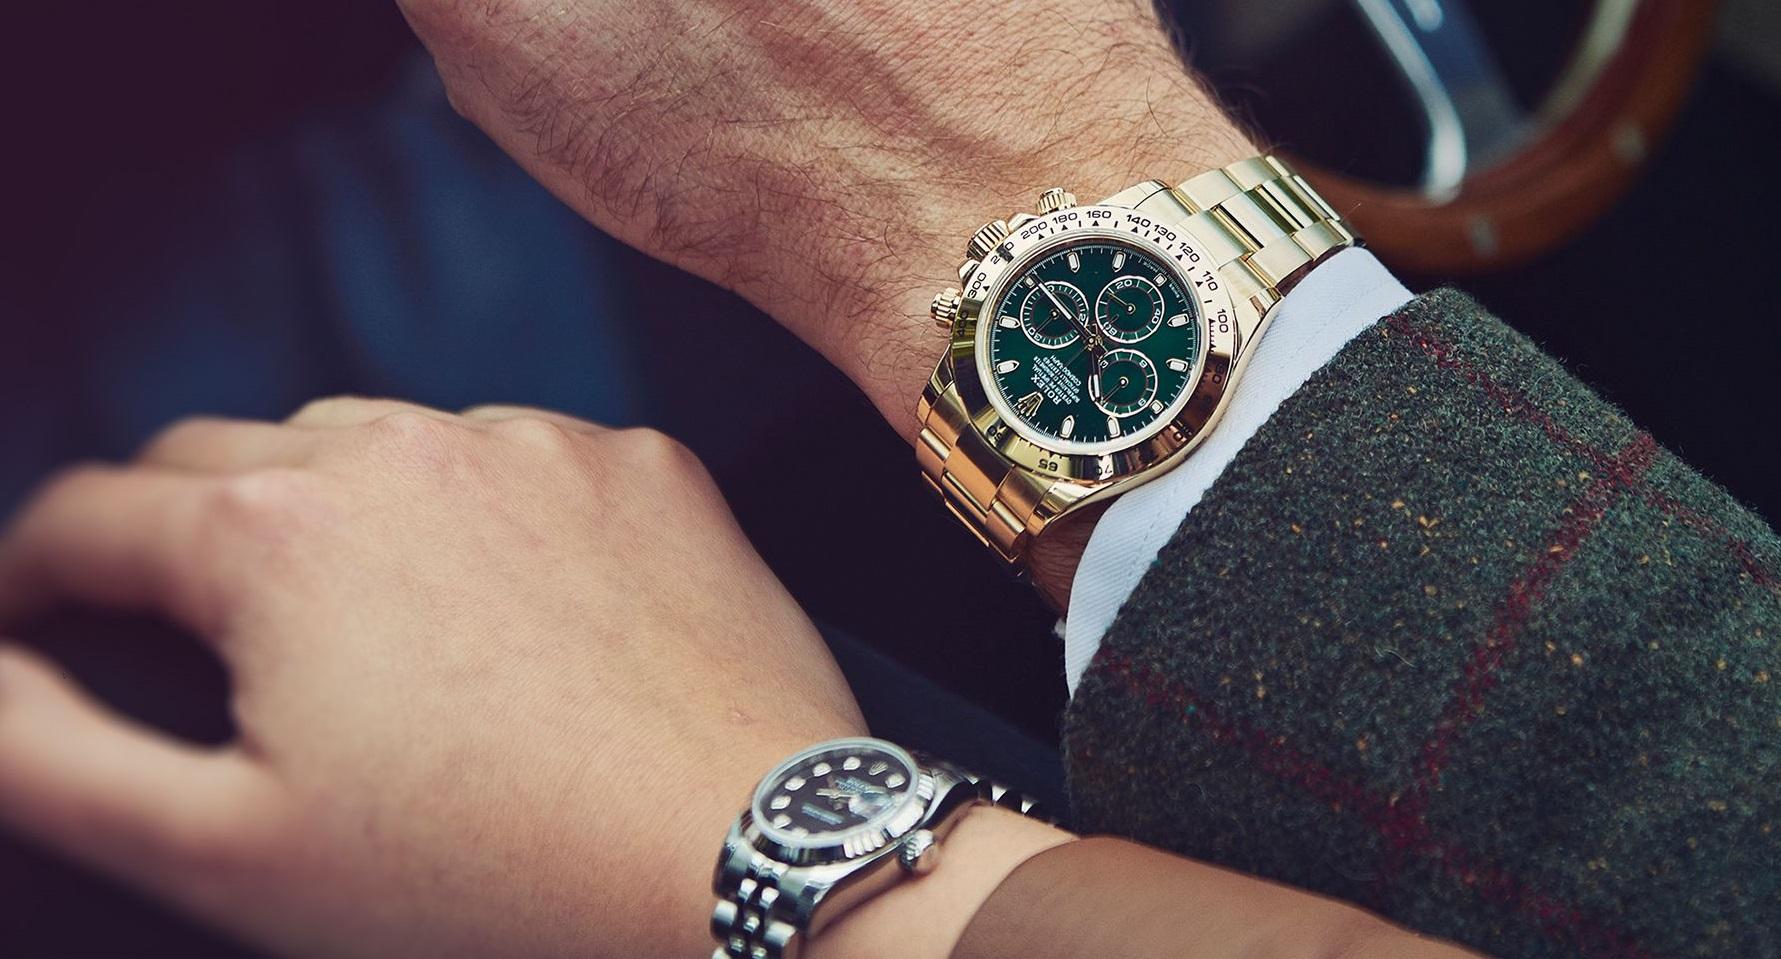 Khám phá những chiếc đồng hồ Rolex phải có dành cho nam và nữ